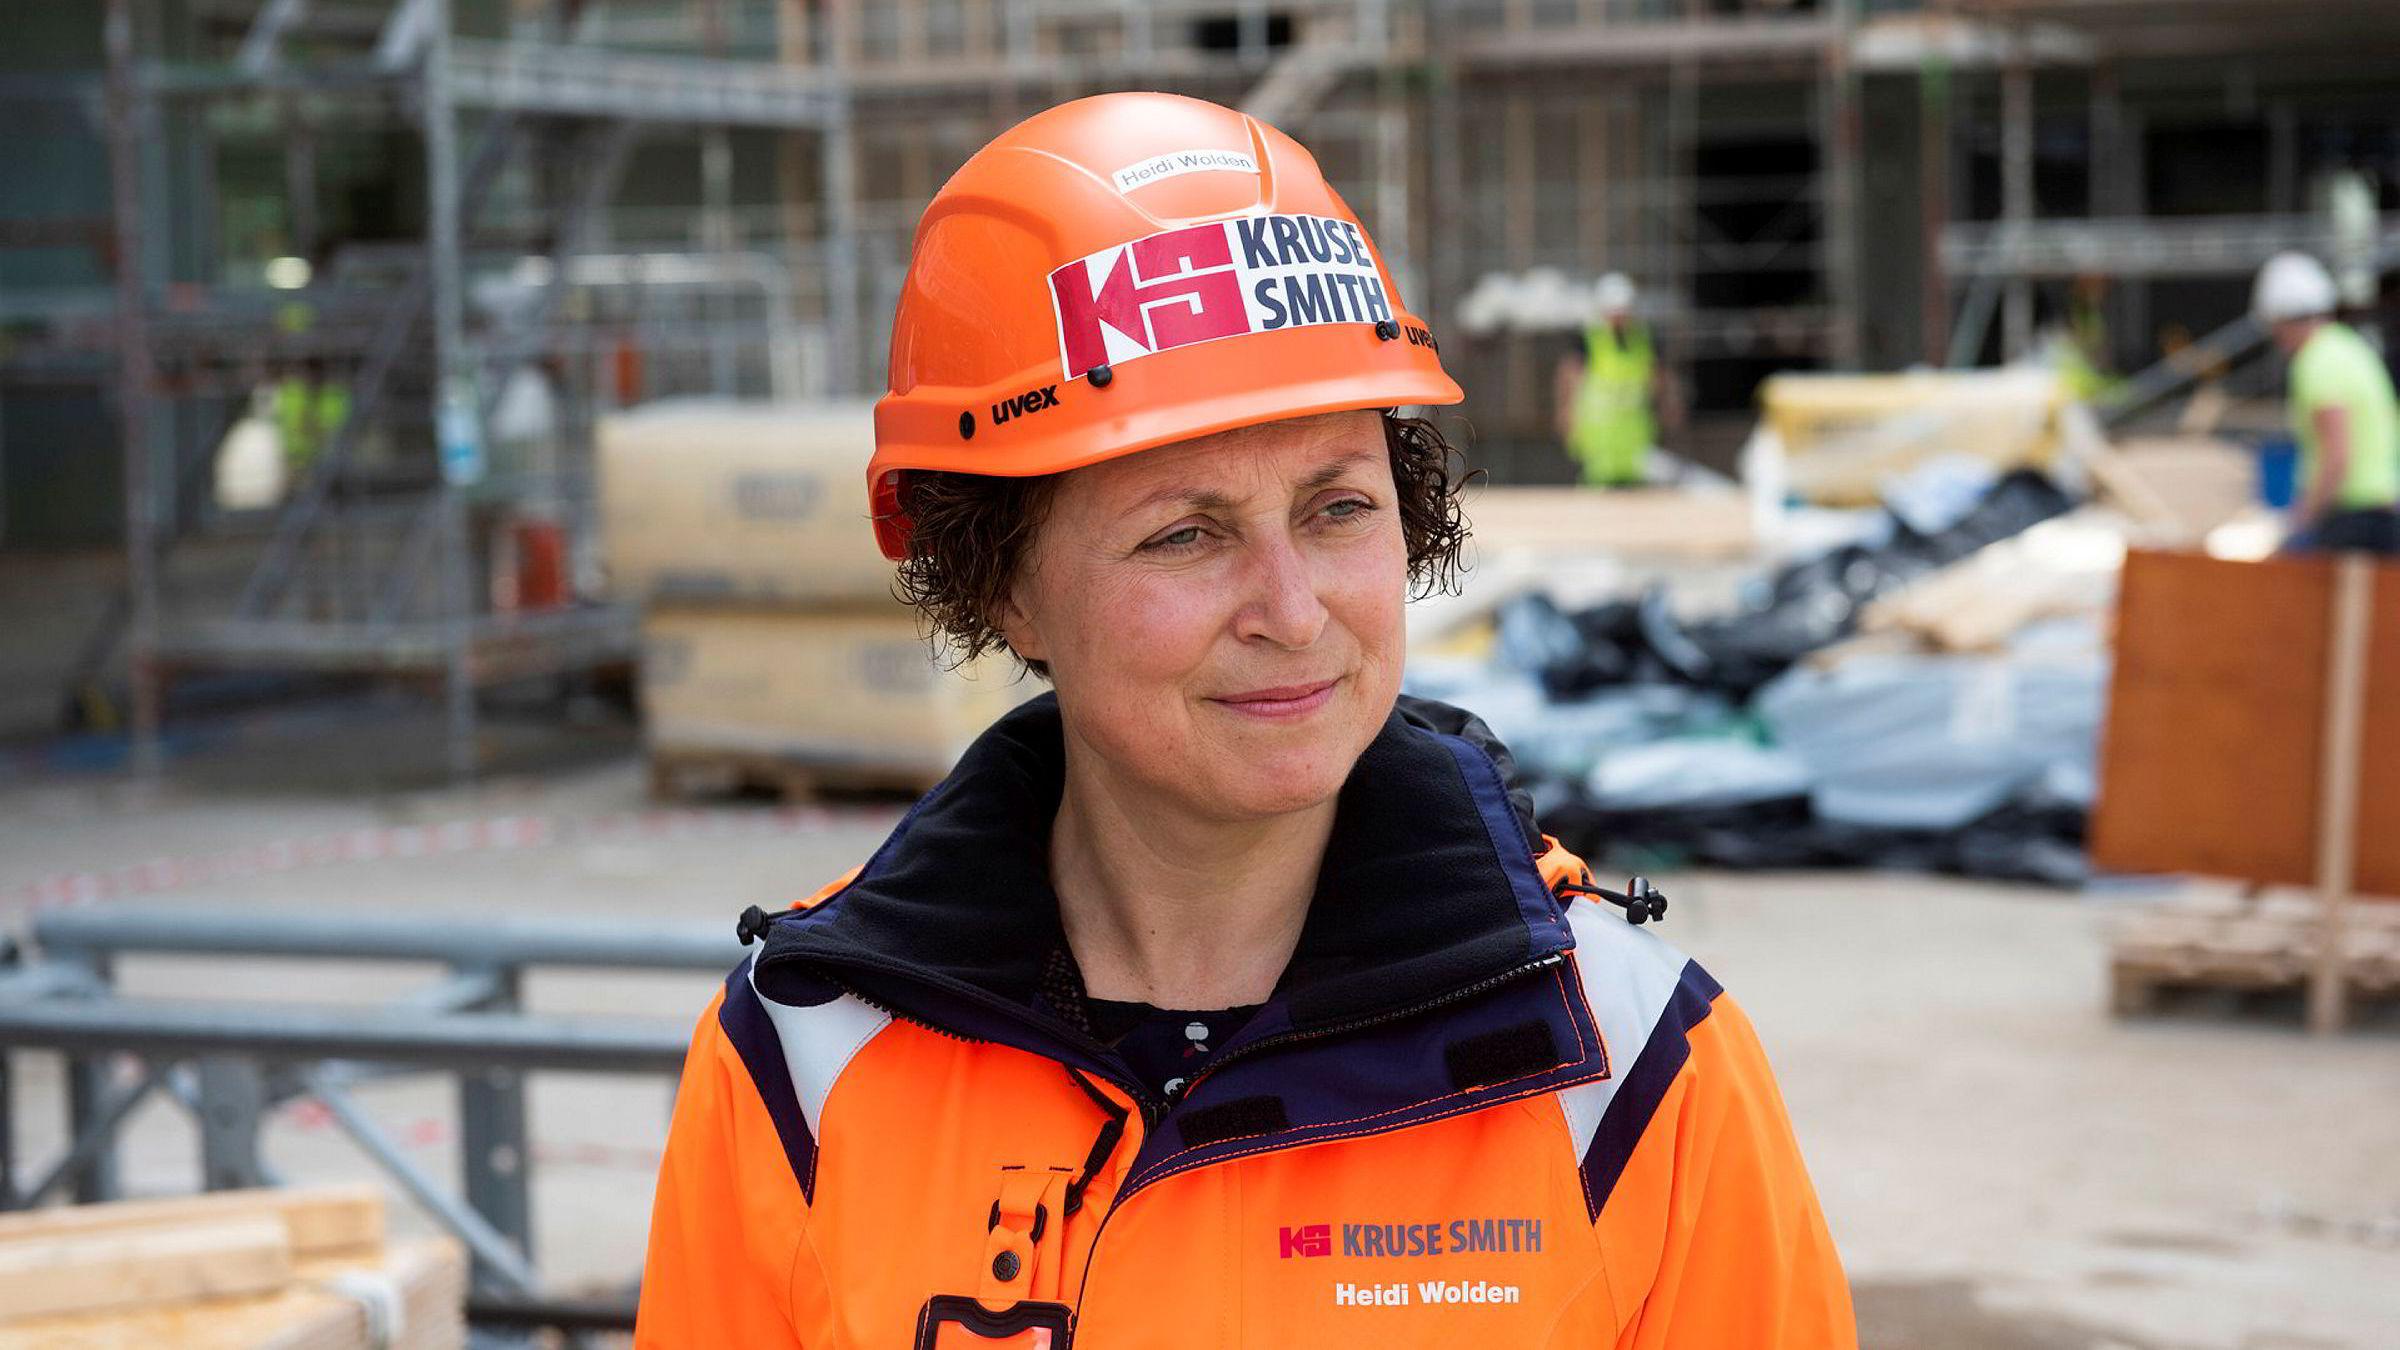 – Hvor stor bemanningsreduksjonen vil være i antall er enda ikke fastlagt, ifølge konsernsjef Heidi Wolden i Kruse Smith.